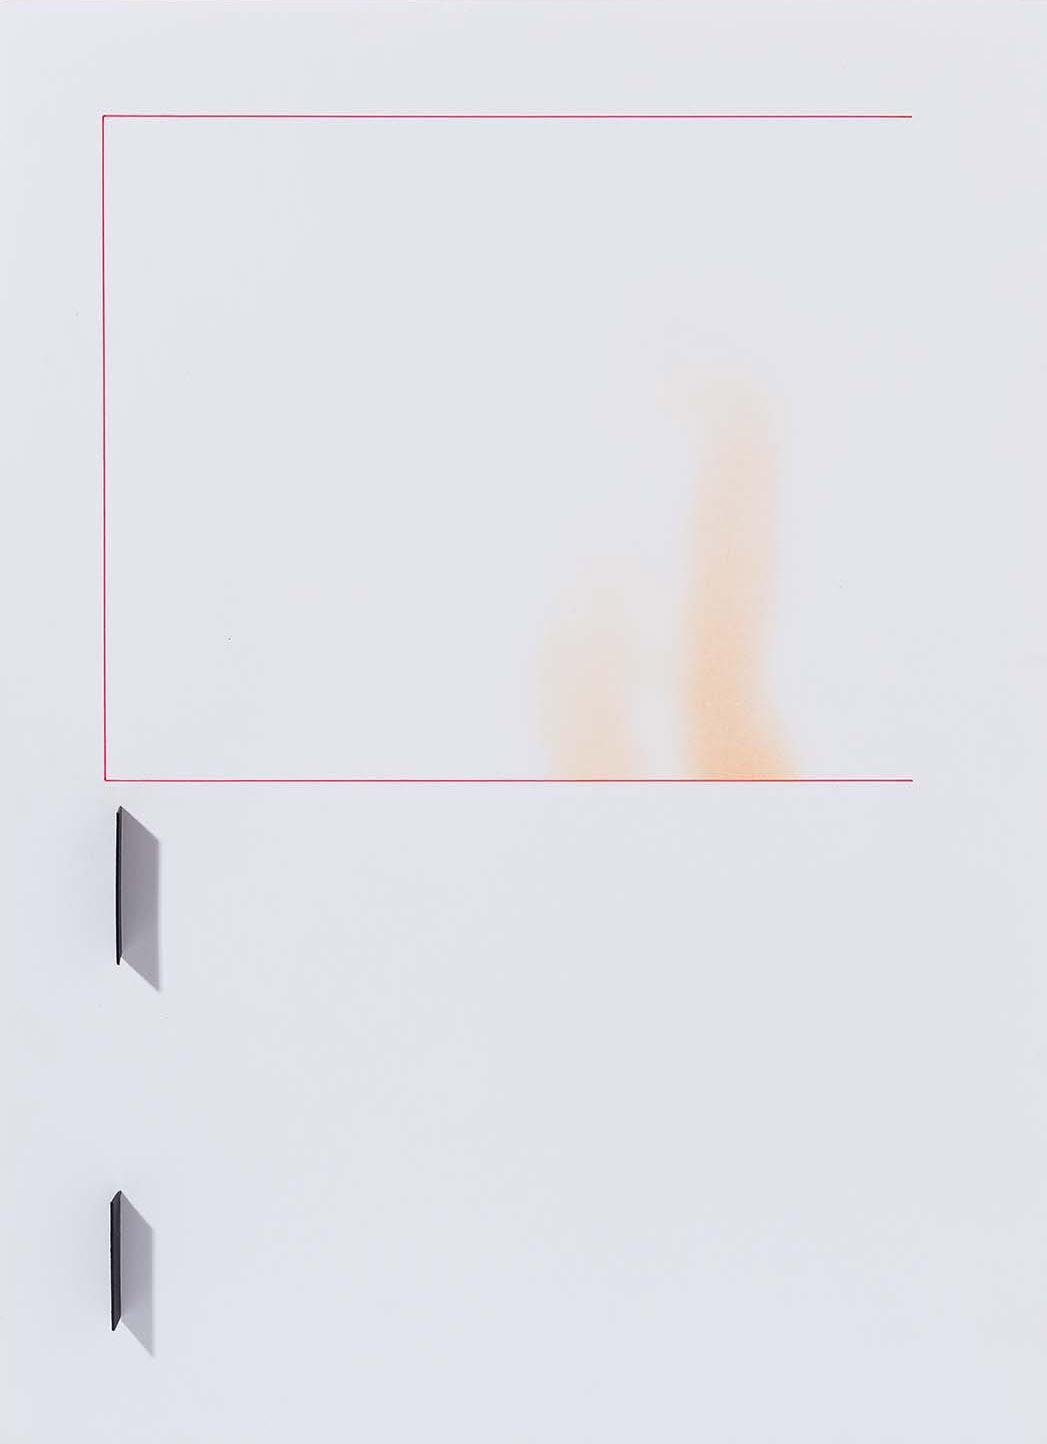 Copy of Sem título | 2015 | desenho | nanquim, pastel e colagem sobre papel |42 x 29,5 x 2 cm (sem moldura) |56,5 x 44,5 x 5,5 cm (com moldura)